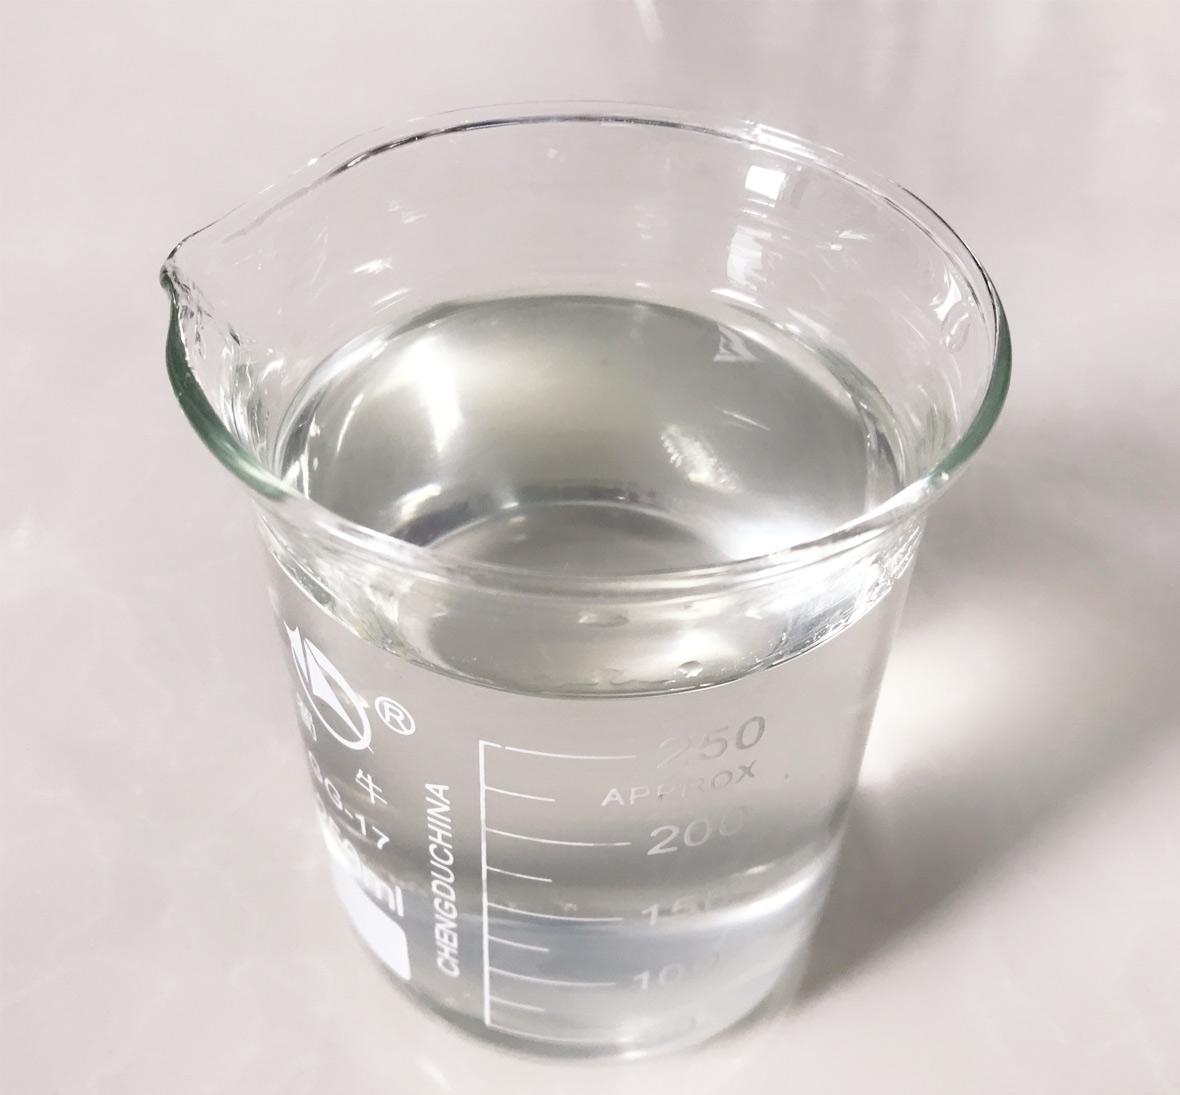 液體水溶肥|金波爾肥料專業供應原液 液體水溶肥